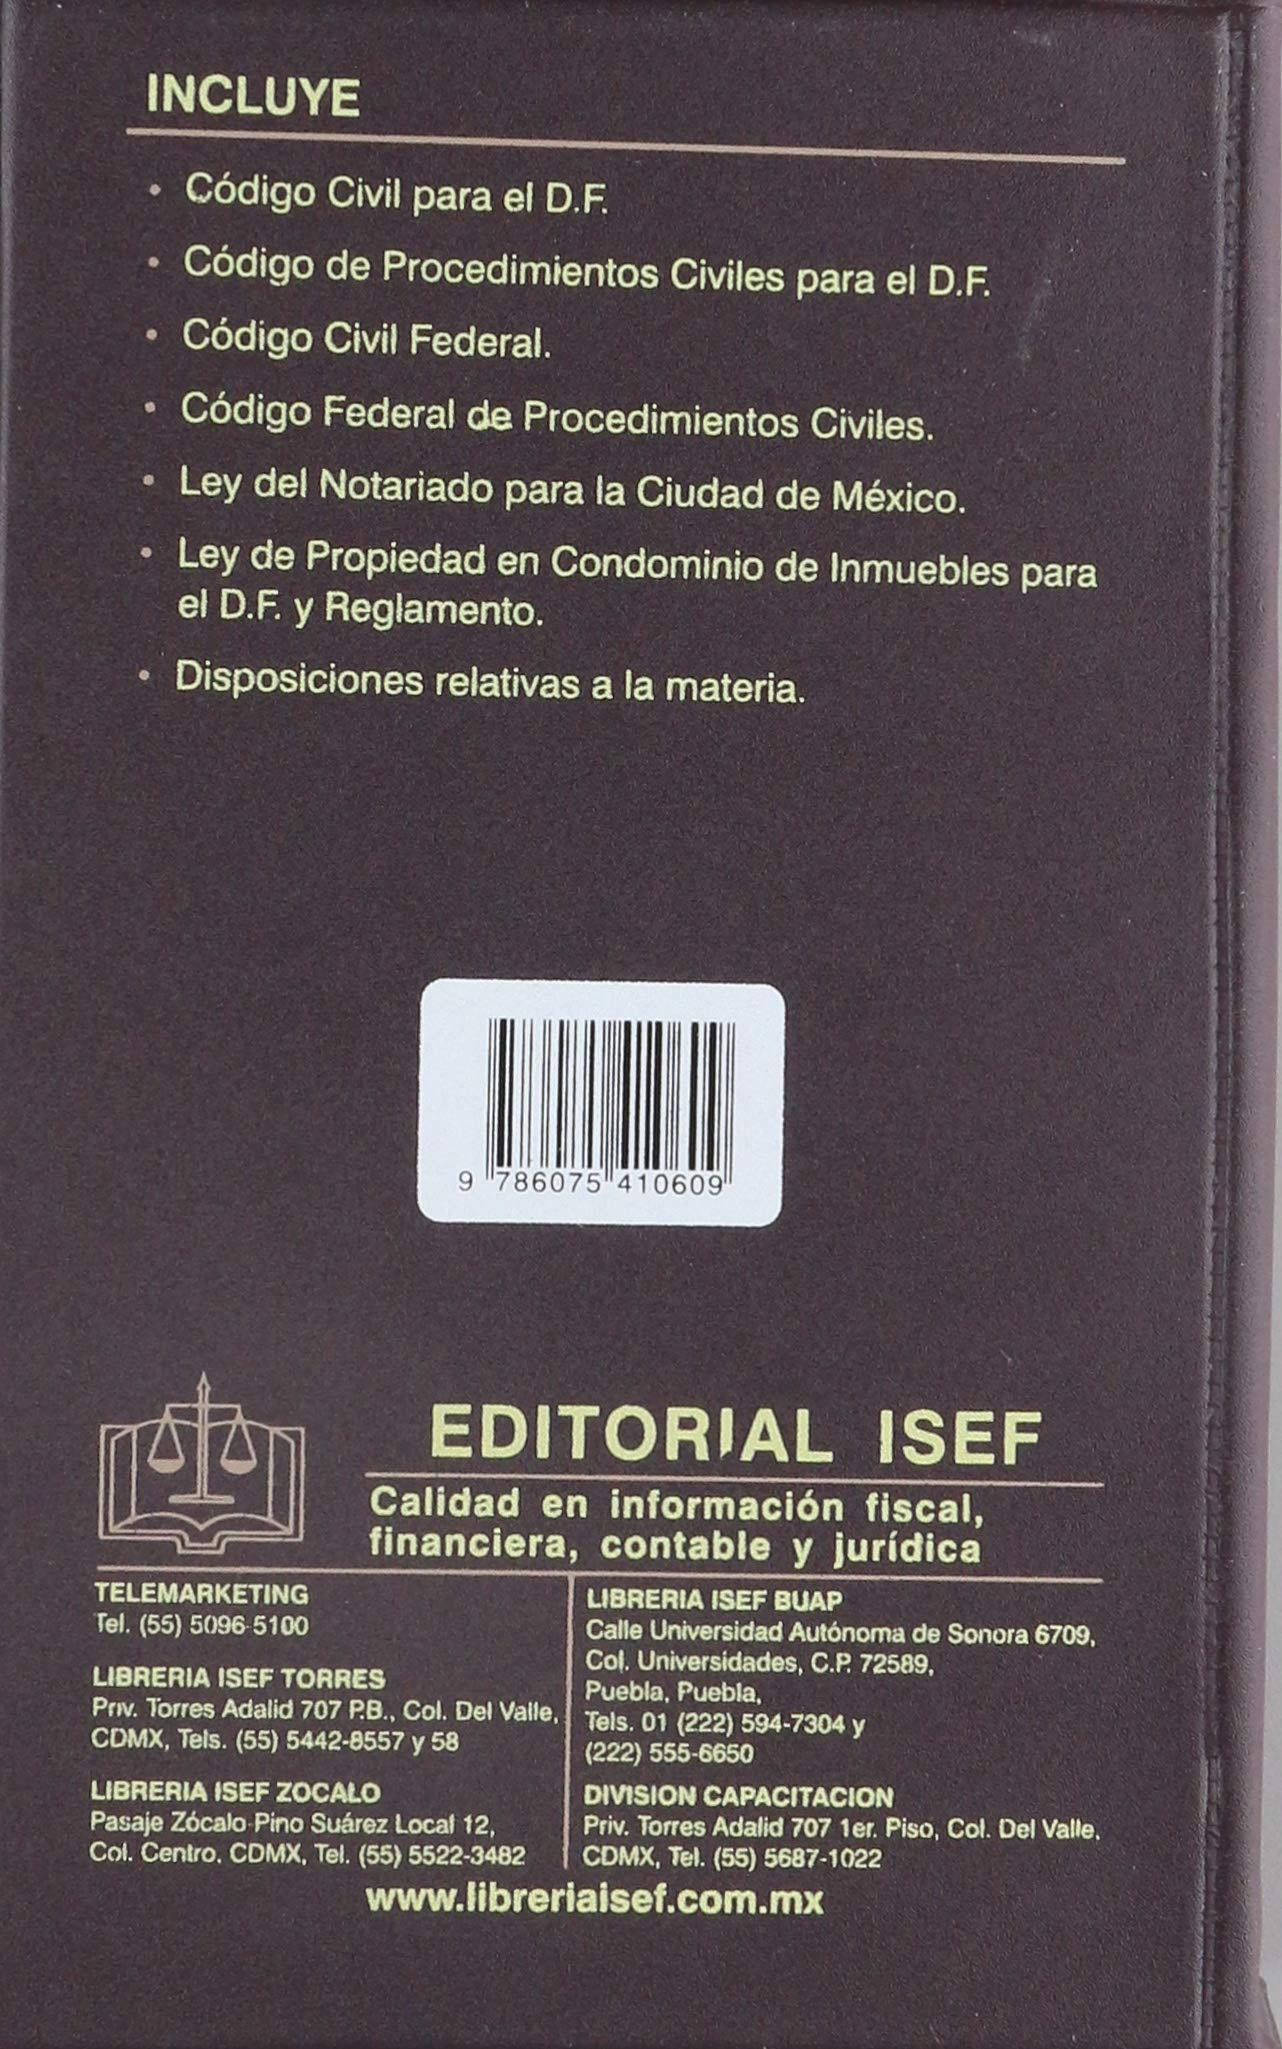 AGENDA CIVIL DE LA CUIDAD DE MEXICO 2019: EDICIONES FISCALES ...